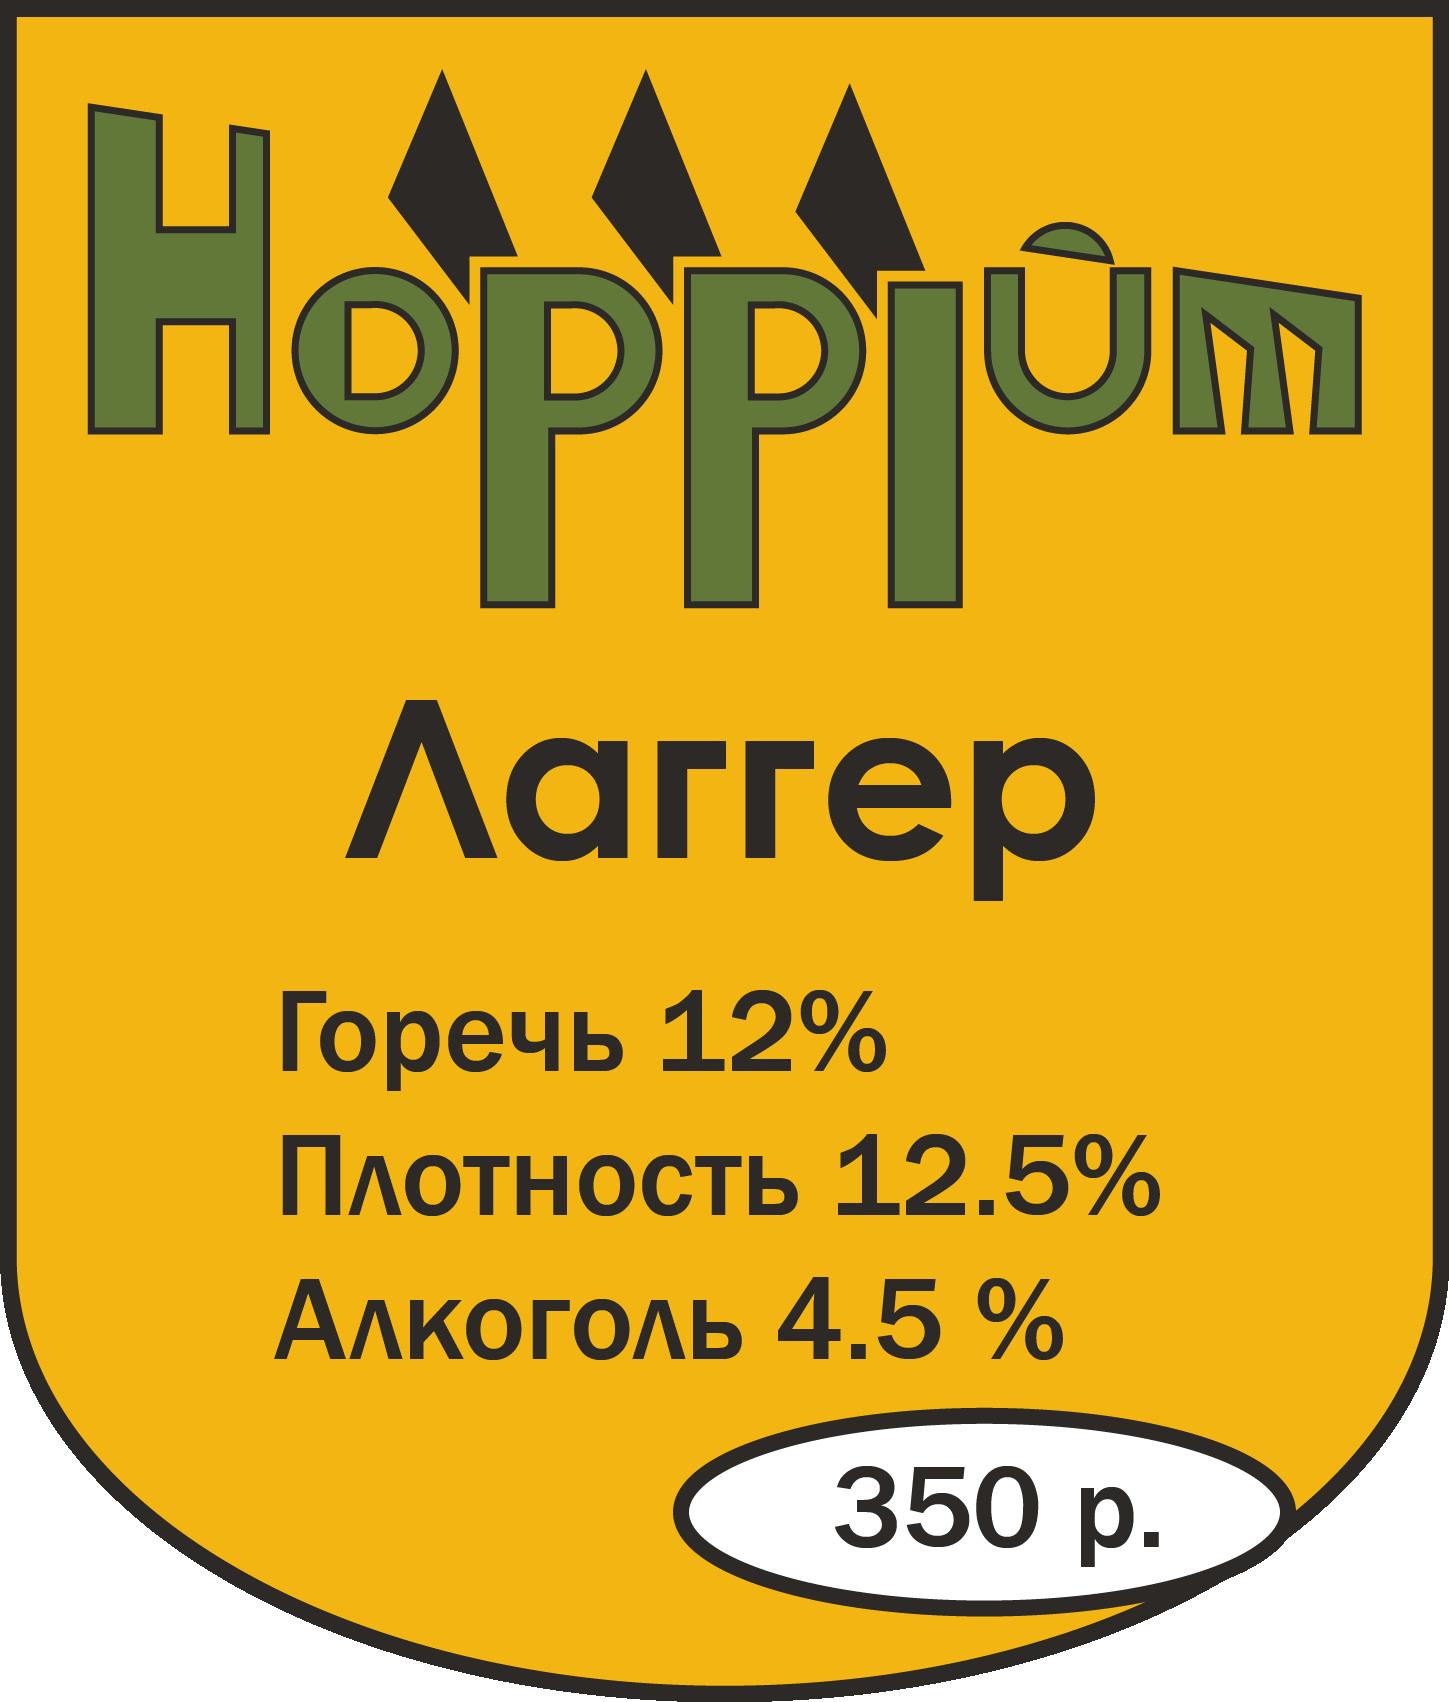 Логотип + Ценники для подмосковной крафтовой пивоварни фото f_2365dc2ab4bd4420.png